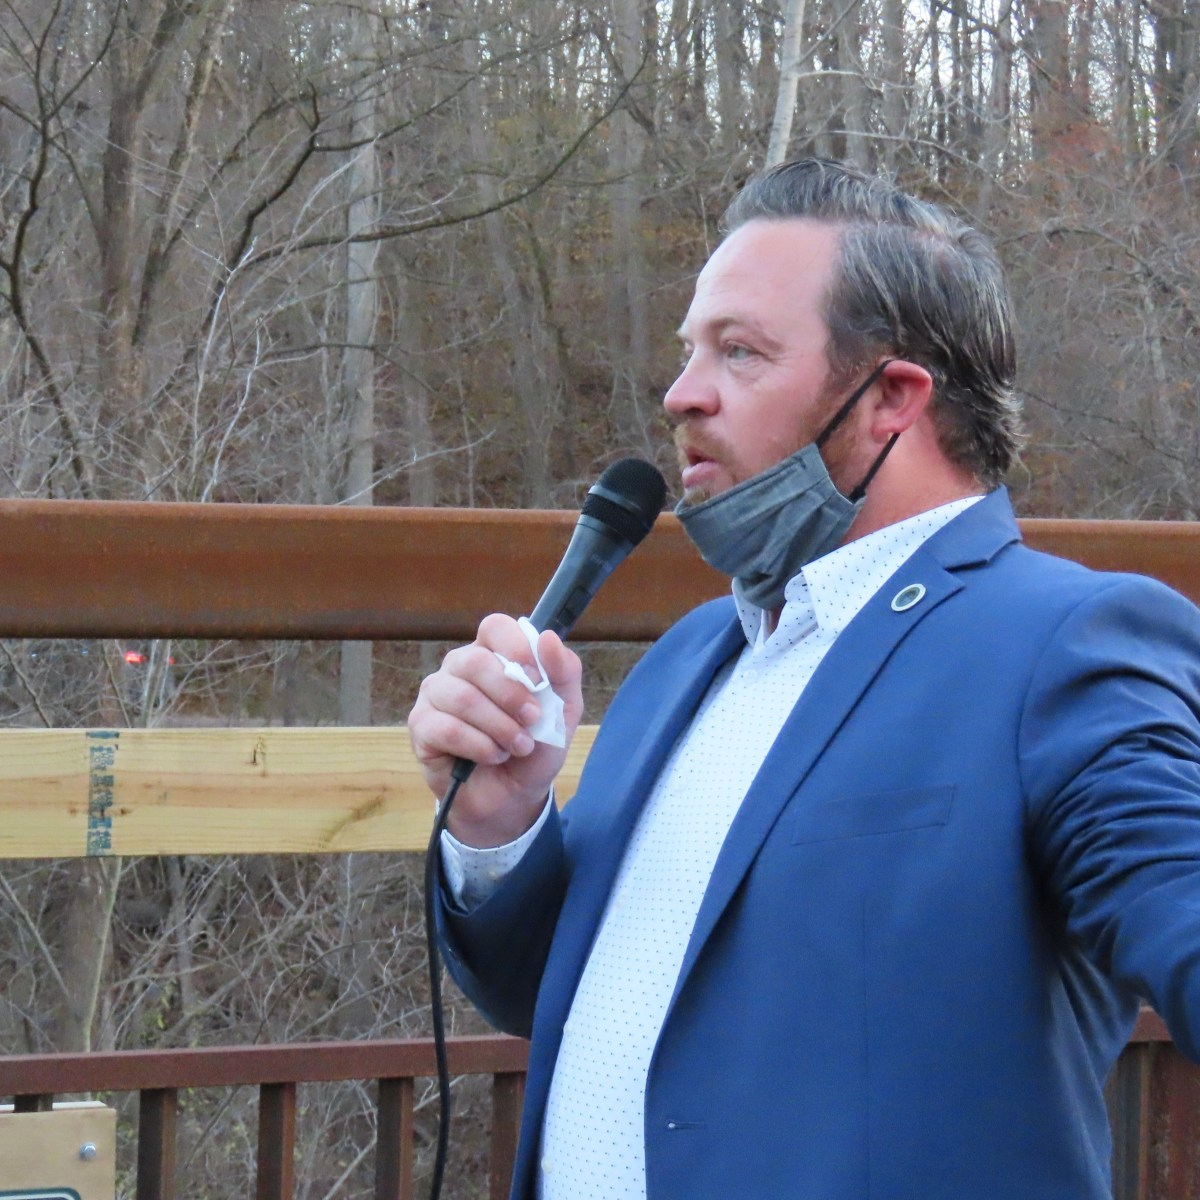 Orion Township Supervisor Chris Barnett speaks into a microphone